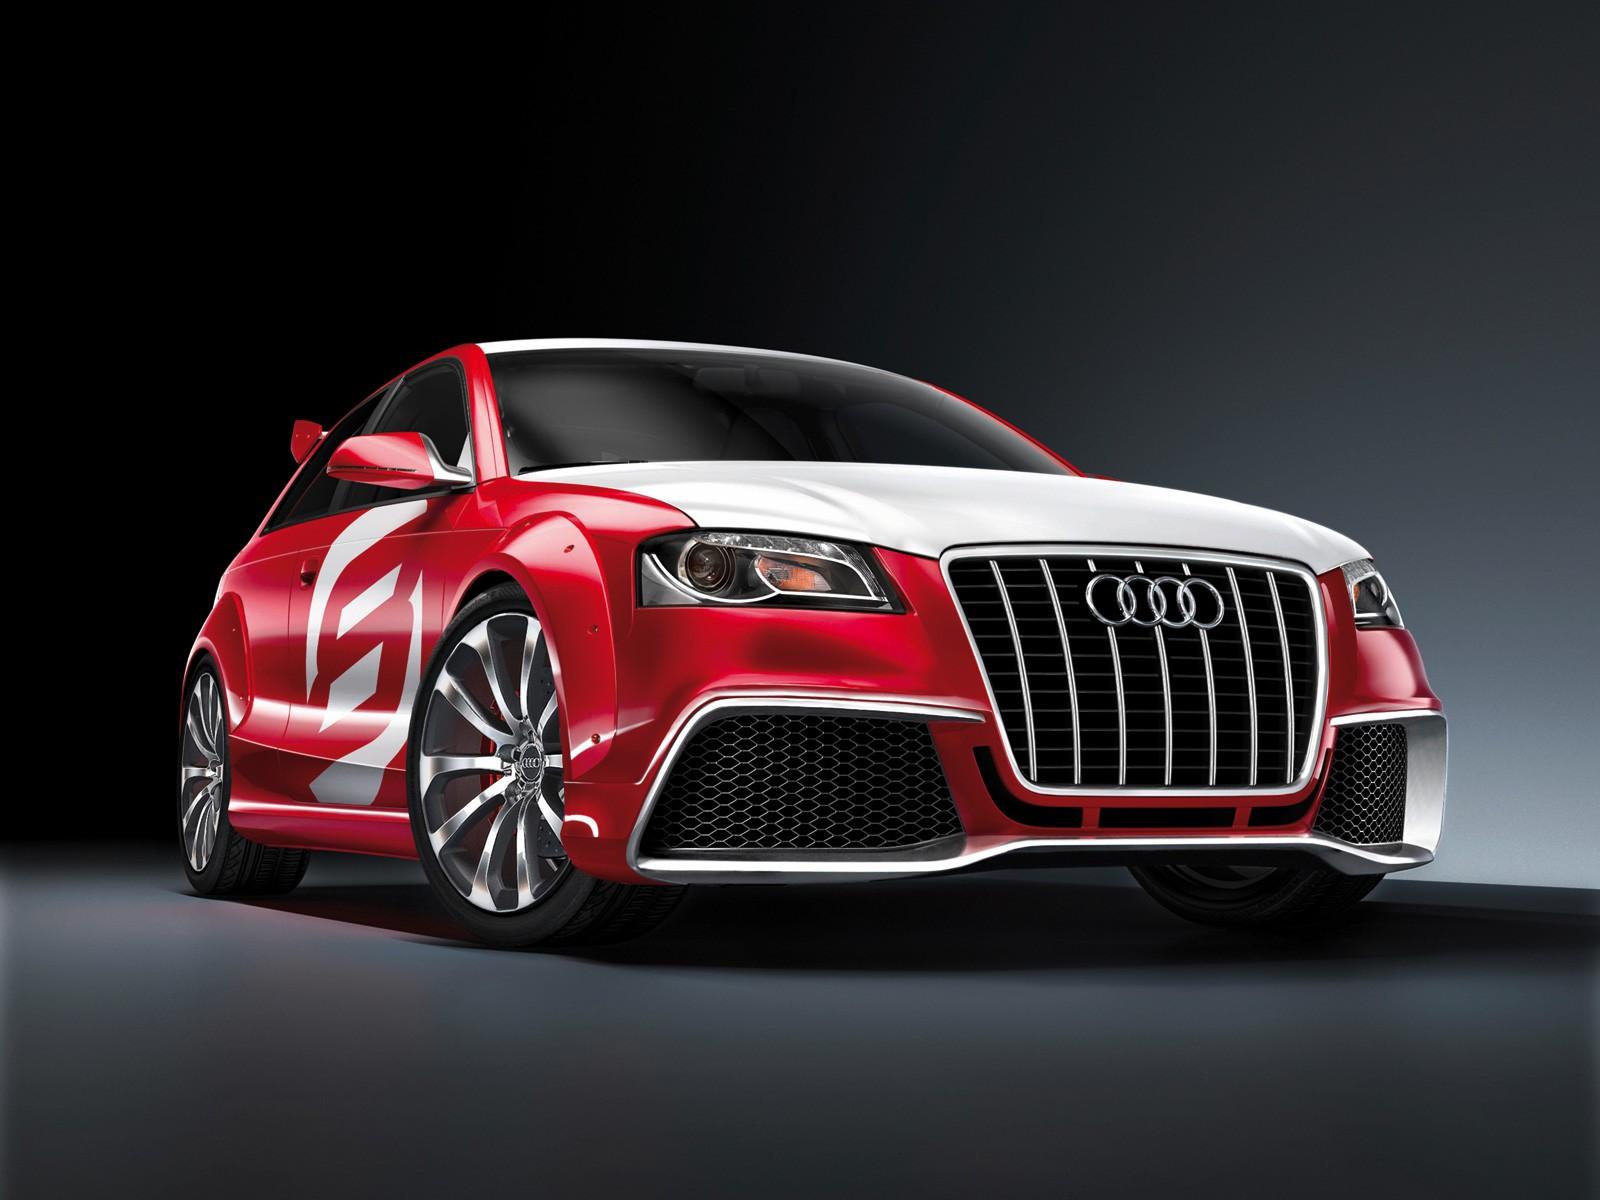 http://4.bp.blogspot.com/_Iq1fkO6qus0/TR_DY-lebxI/AAAAAAAAAdo/zeIVBsE2wPo/s1600/Audi-A3-Wallpapers_0101201103.jpg